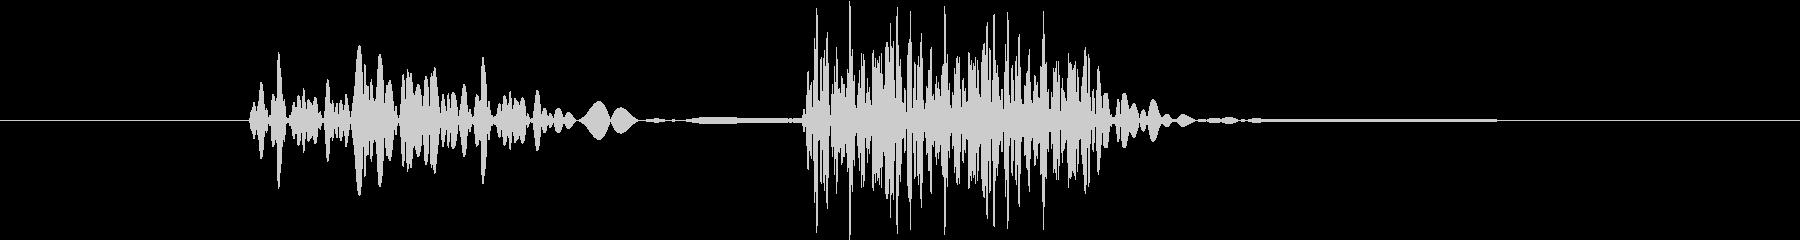 レトロなキャンセル音(ビシッ)の未再生の波形